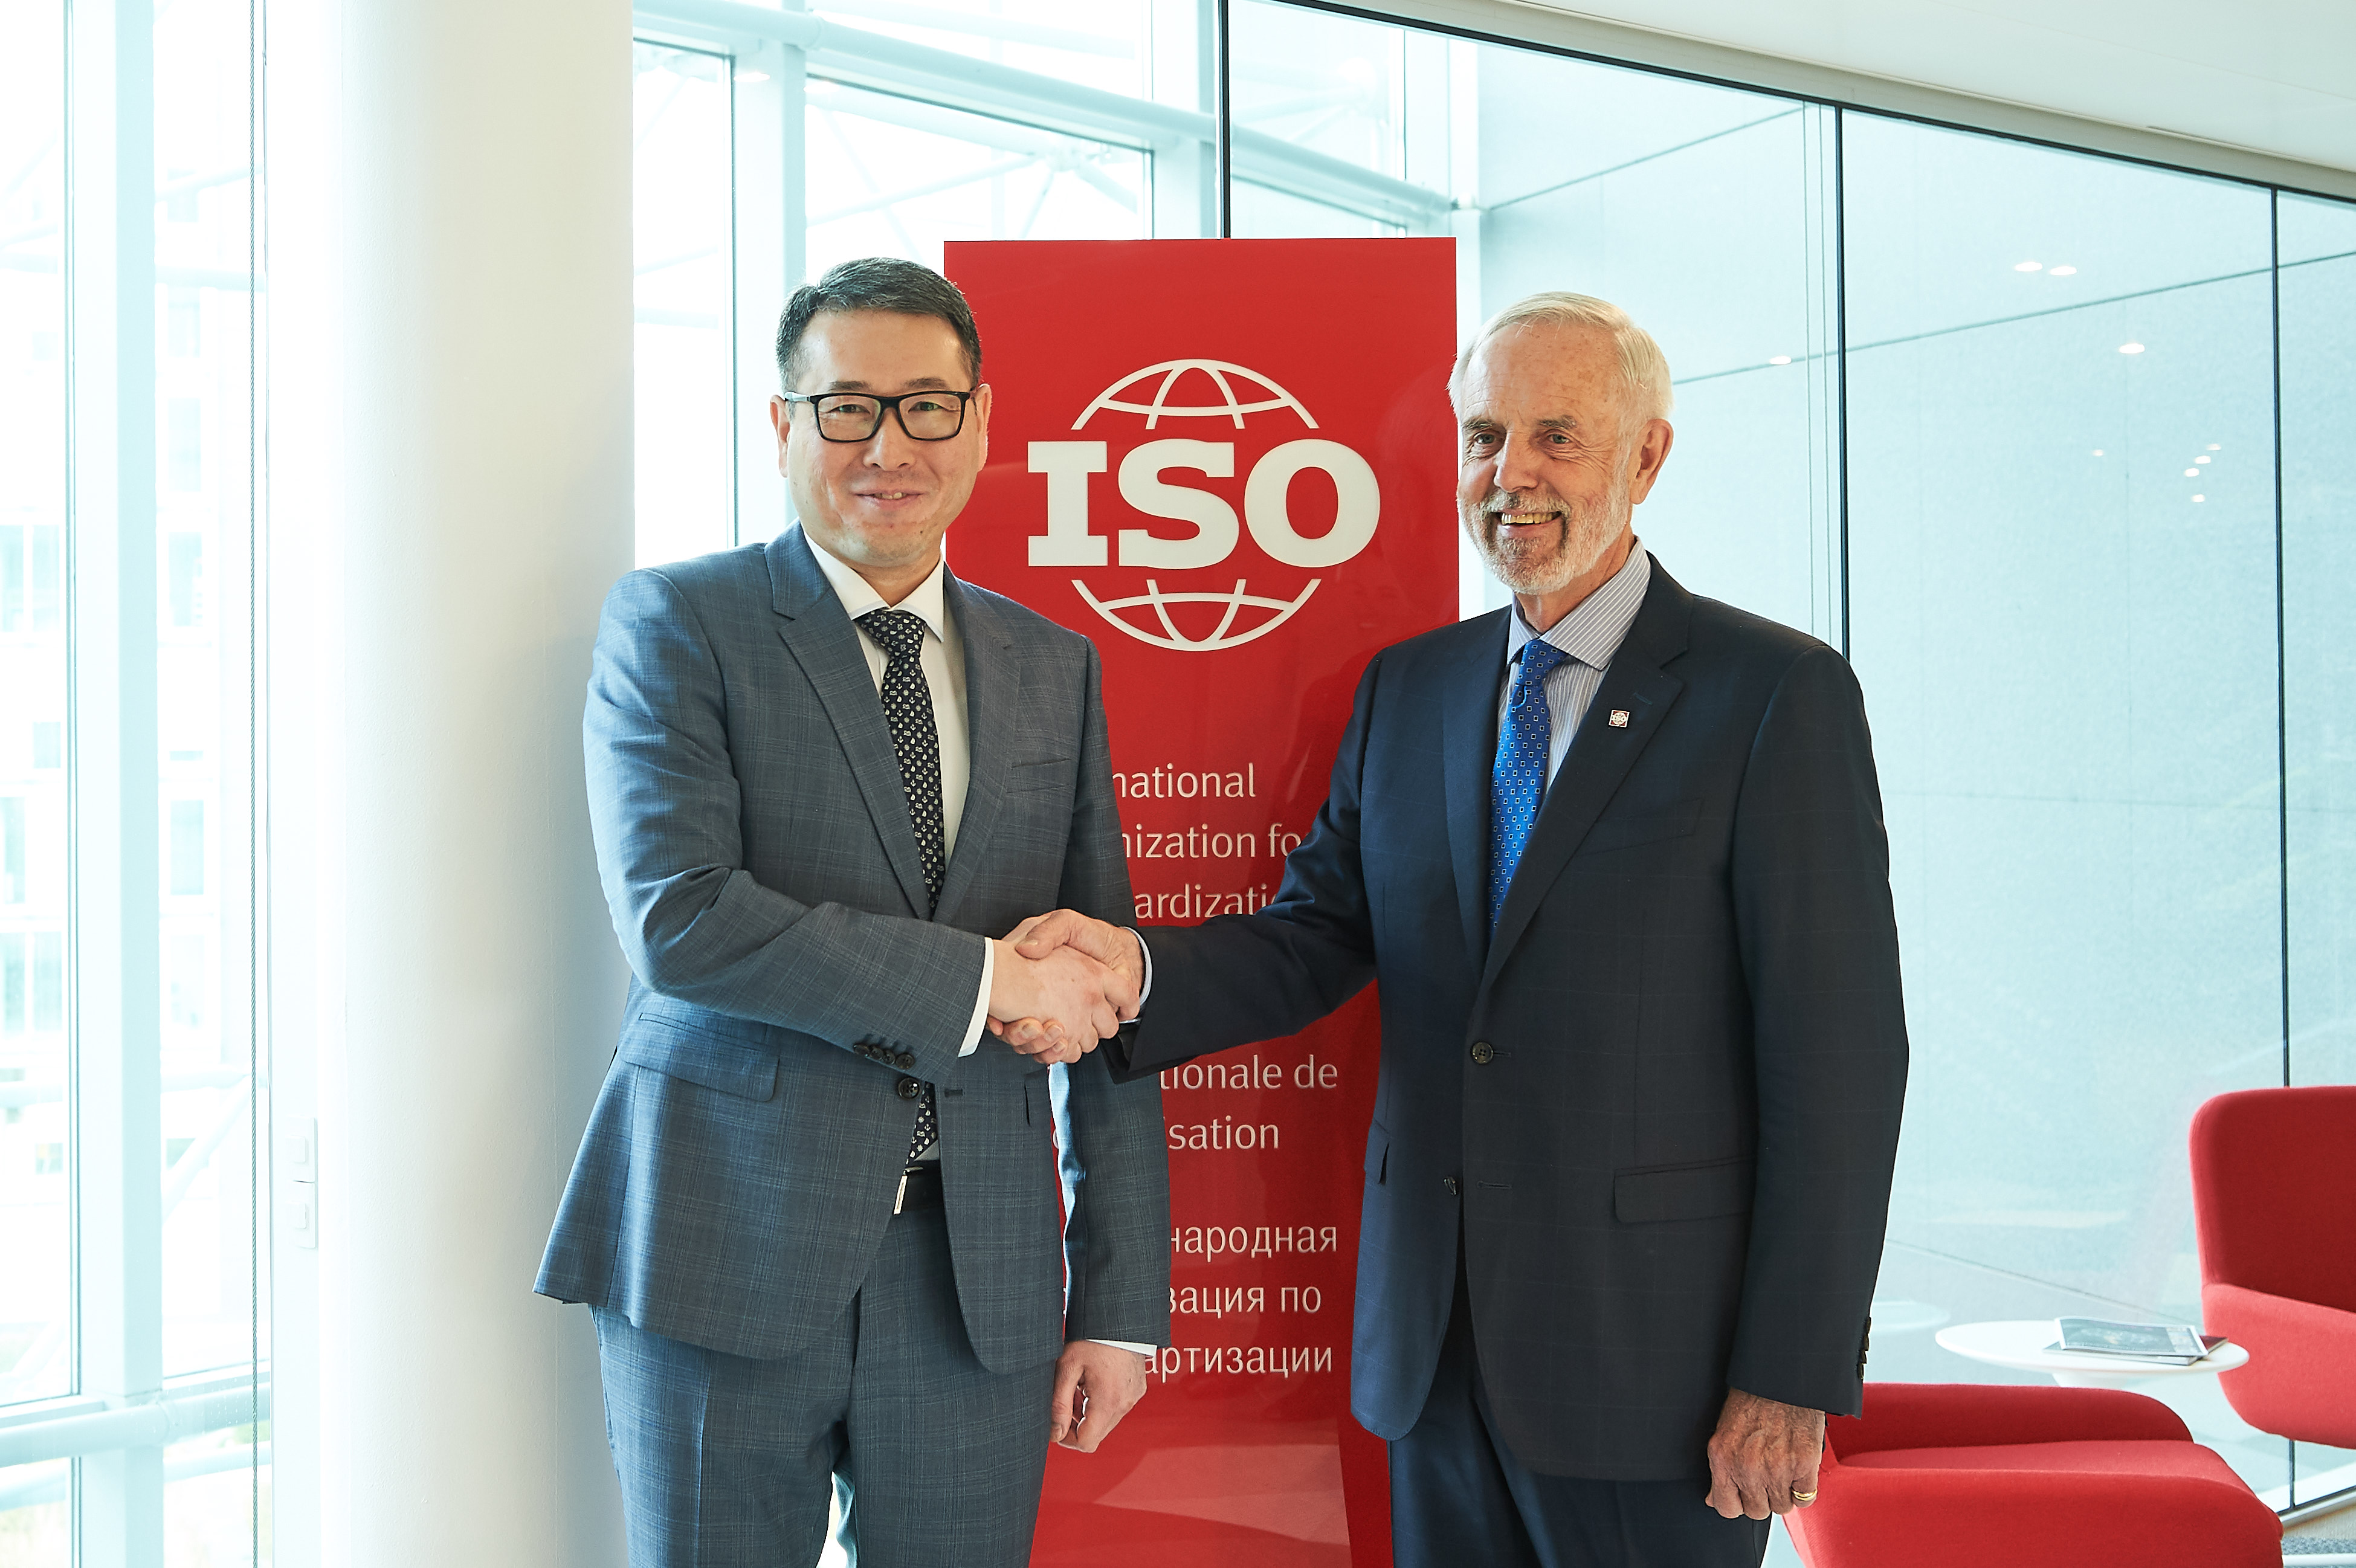 Казахстан предложил открыть офис ISO в Центральной Азии